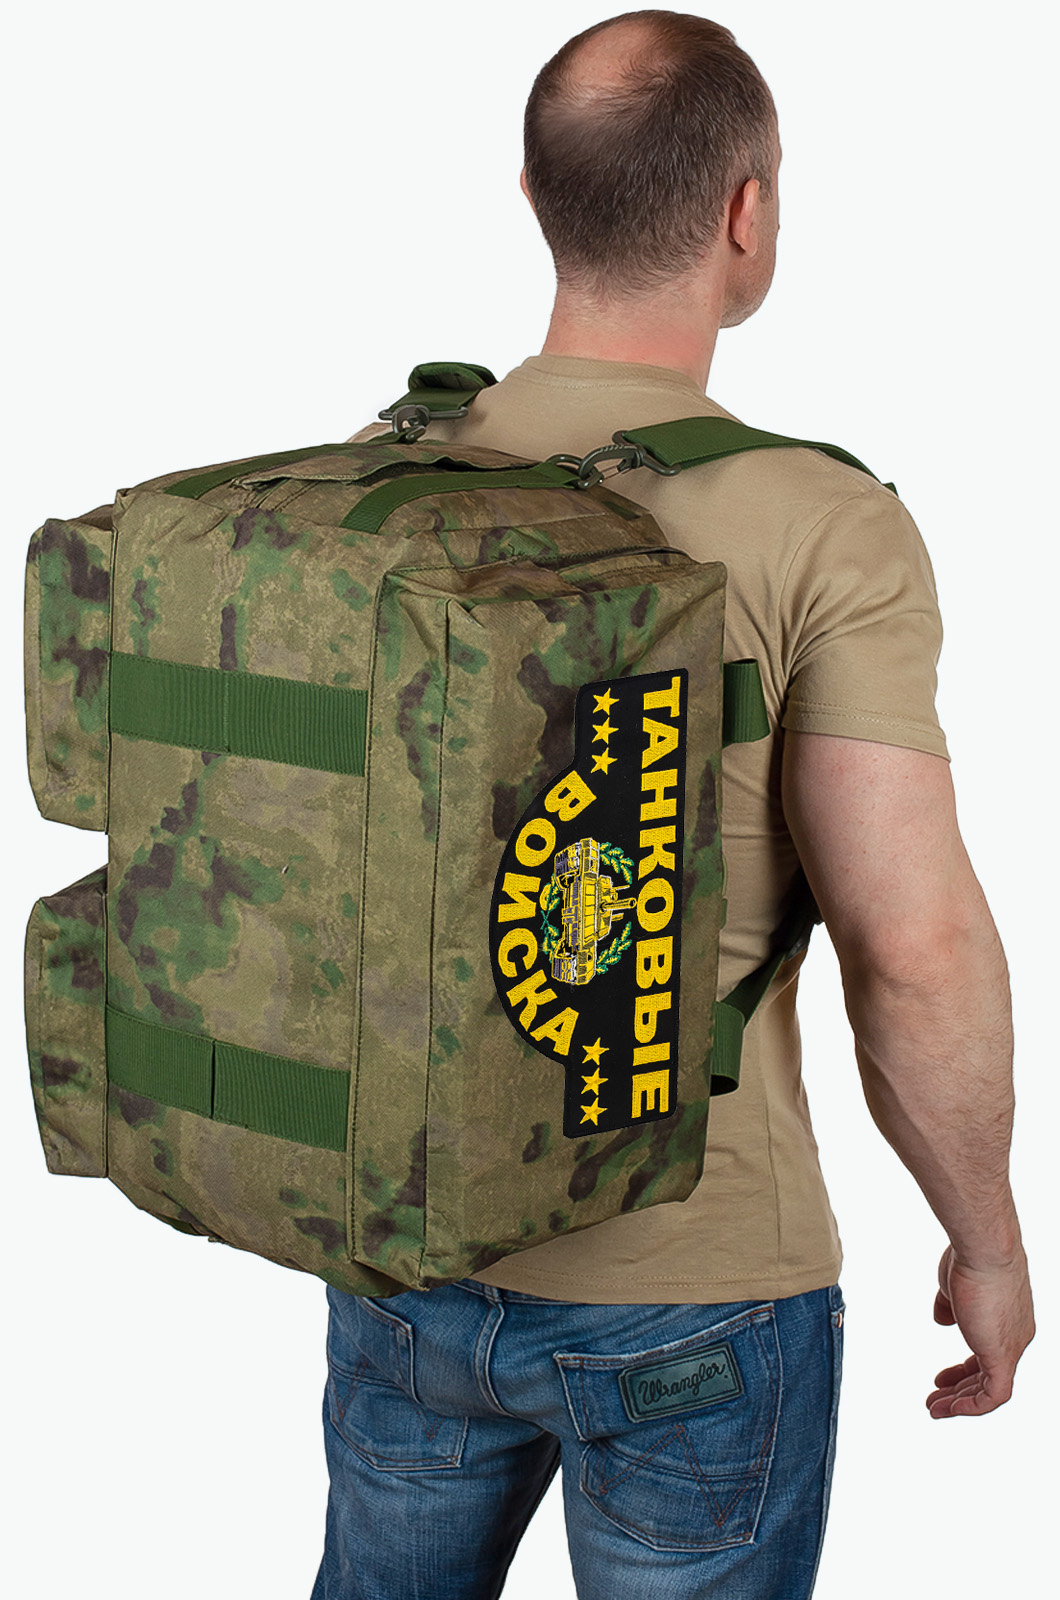 Купить военную походную сумку с нашивкой Танковые Войска по экономичной цене